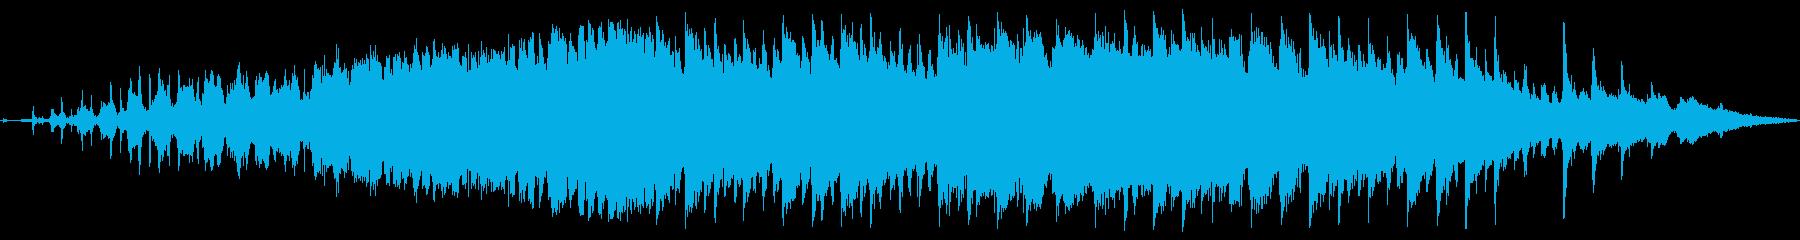 浮遊間のあるシンセとパワフルなドラムの曲の再生済みの波形